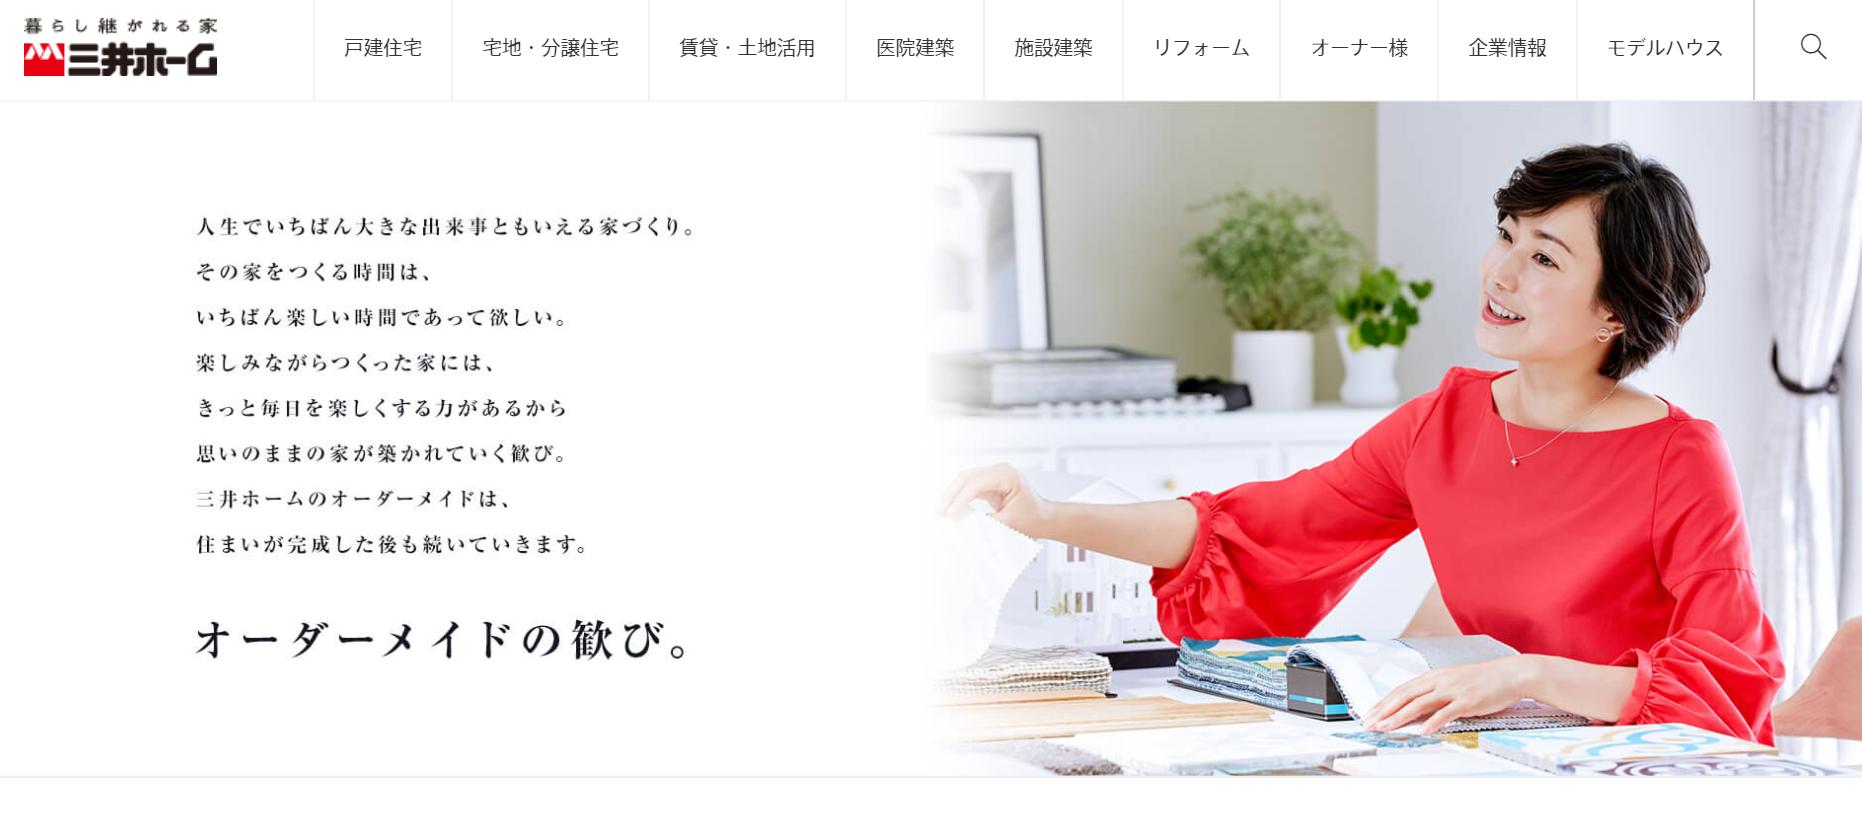 三井ホームの評判・口コミ【30代男性/東京】